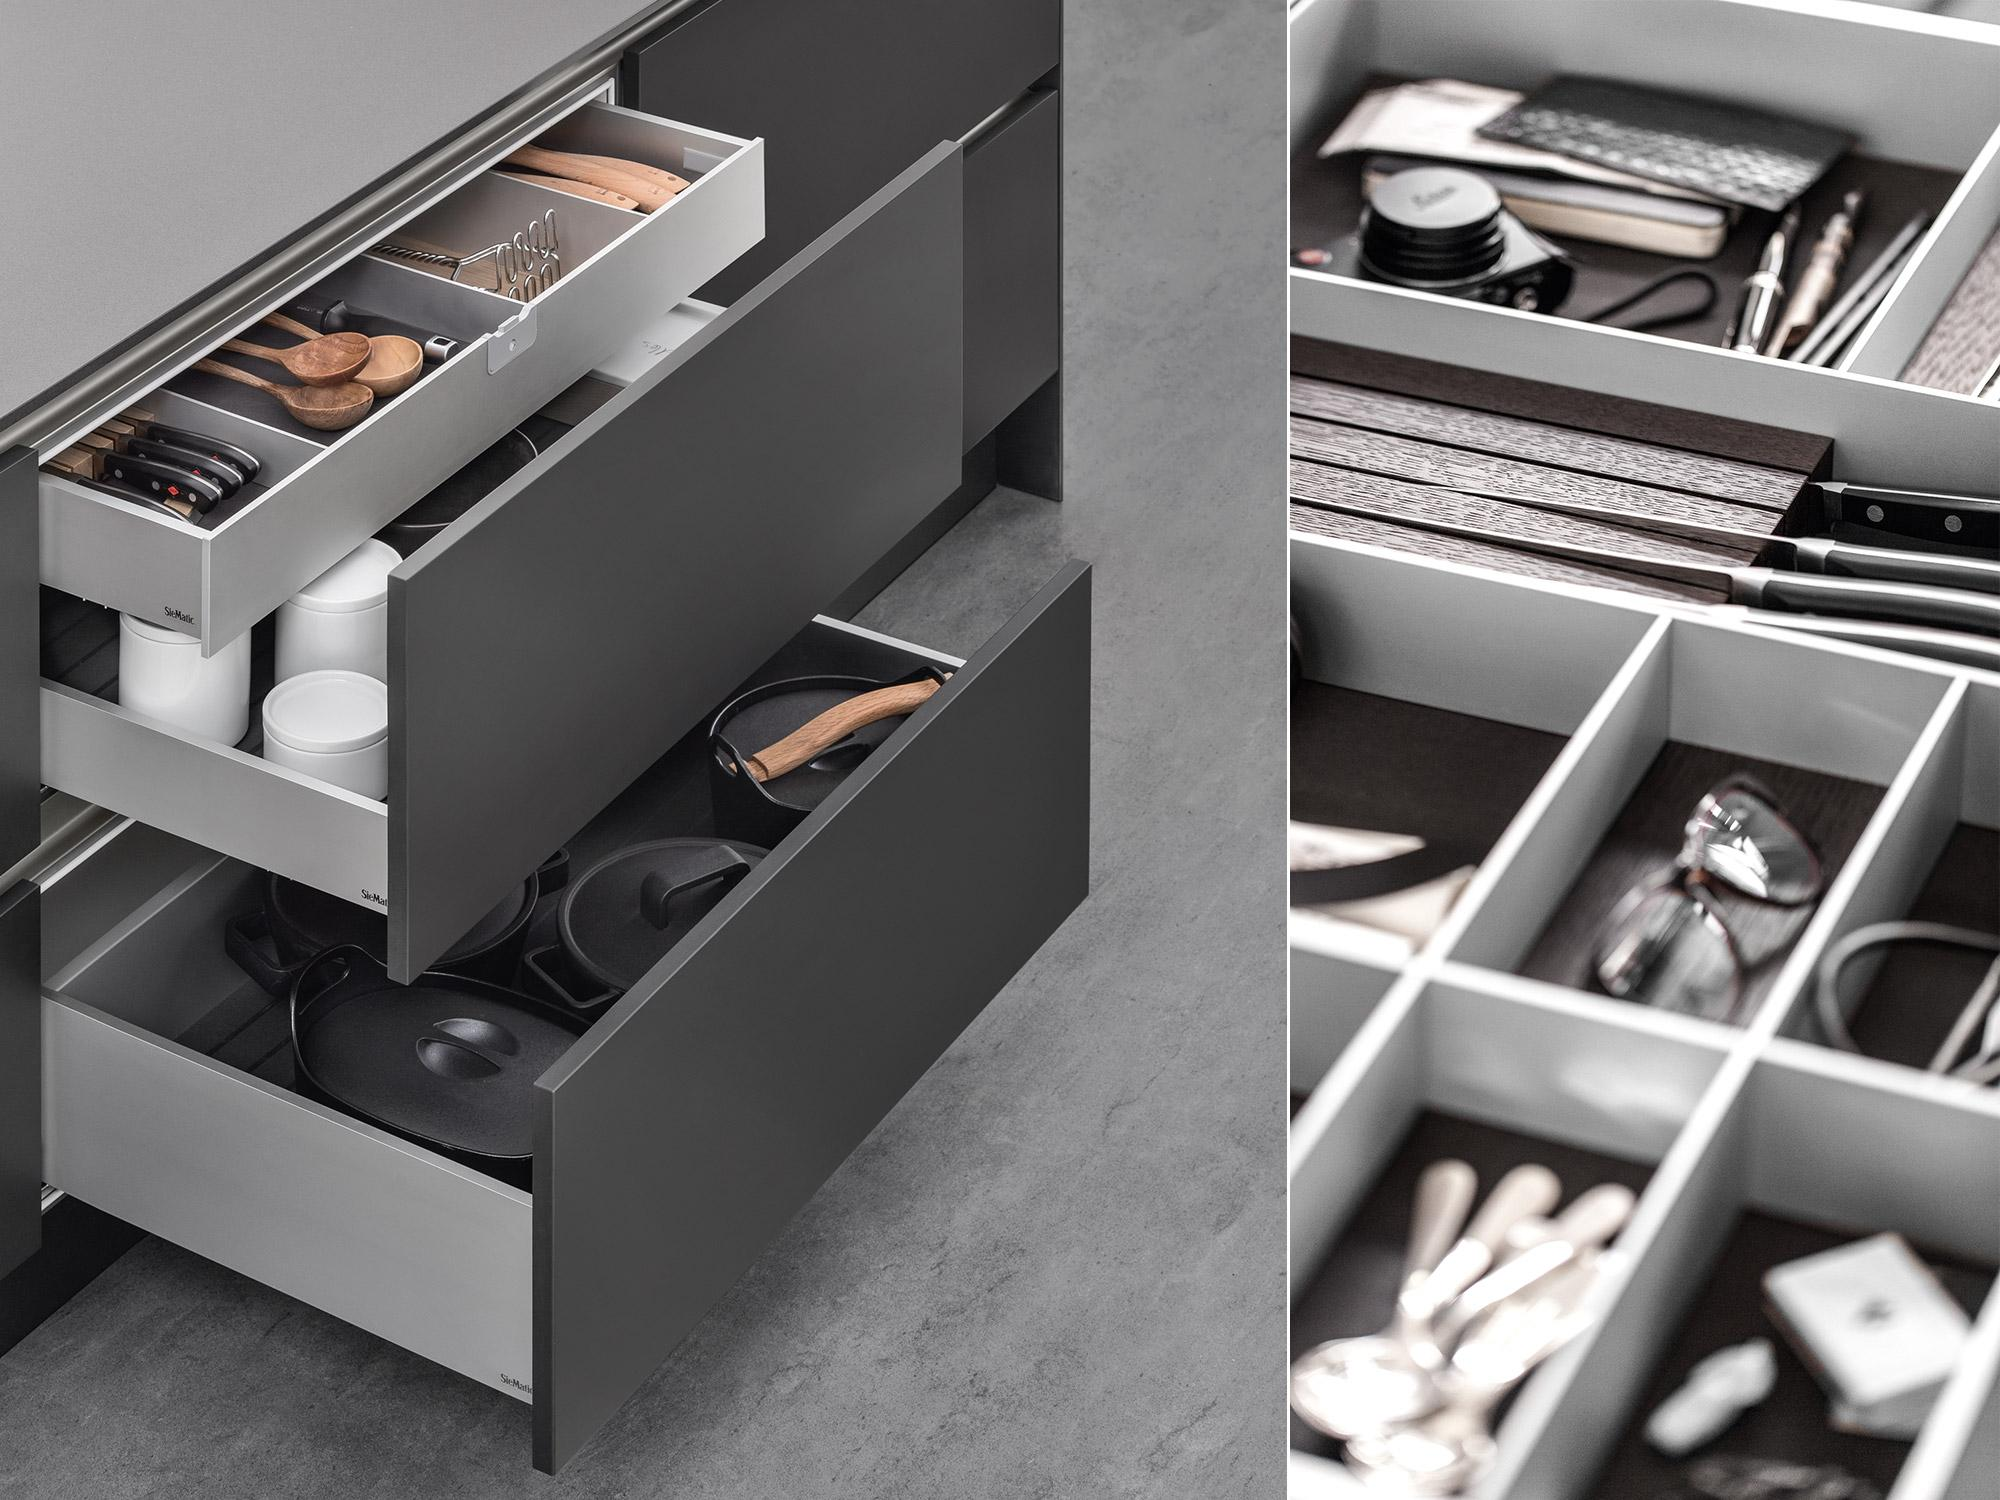 Innenausstattung kuche nzcencom for Schubladenschrank küche